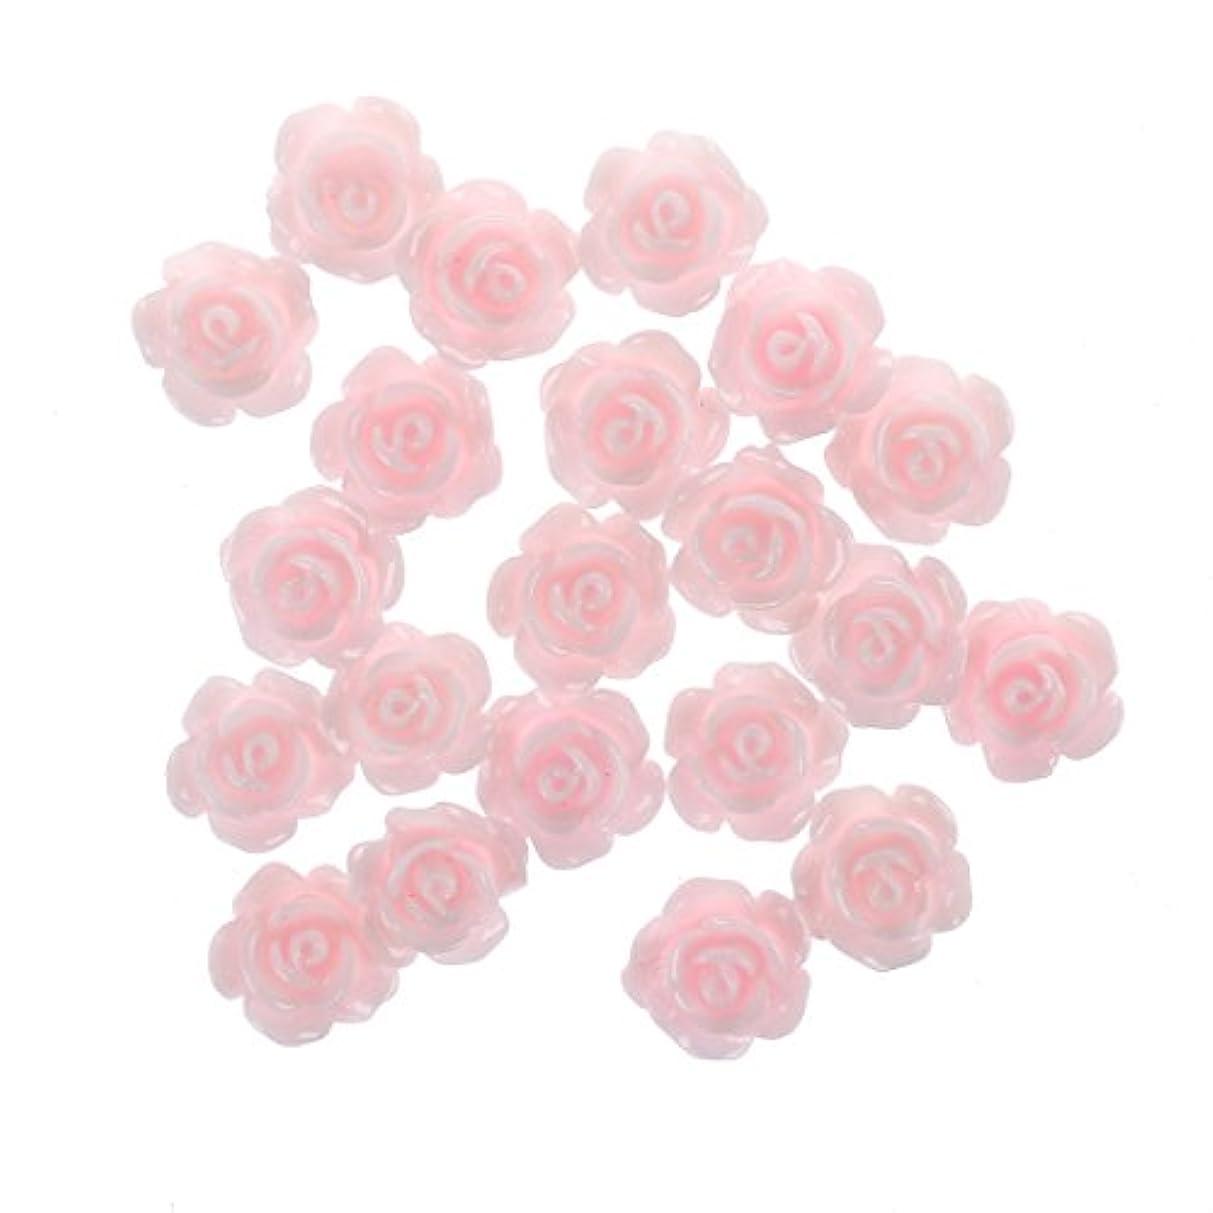 ゾーン暫定の摘むTYJP 20x3Dピンクの小さいバラ ラインストーン付きネイルアート装飾